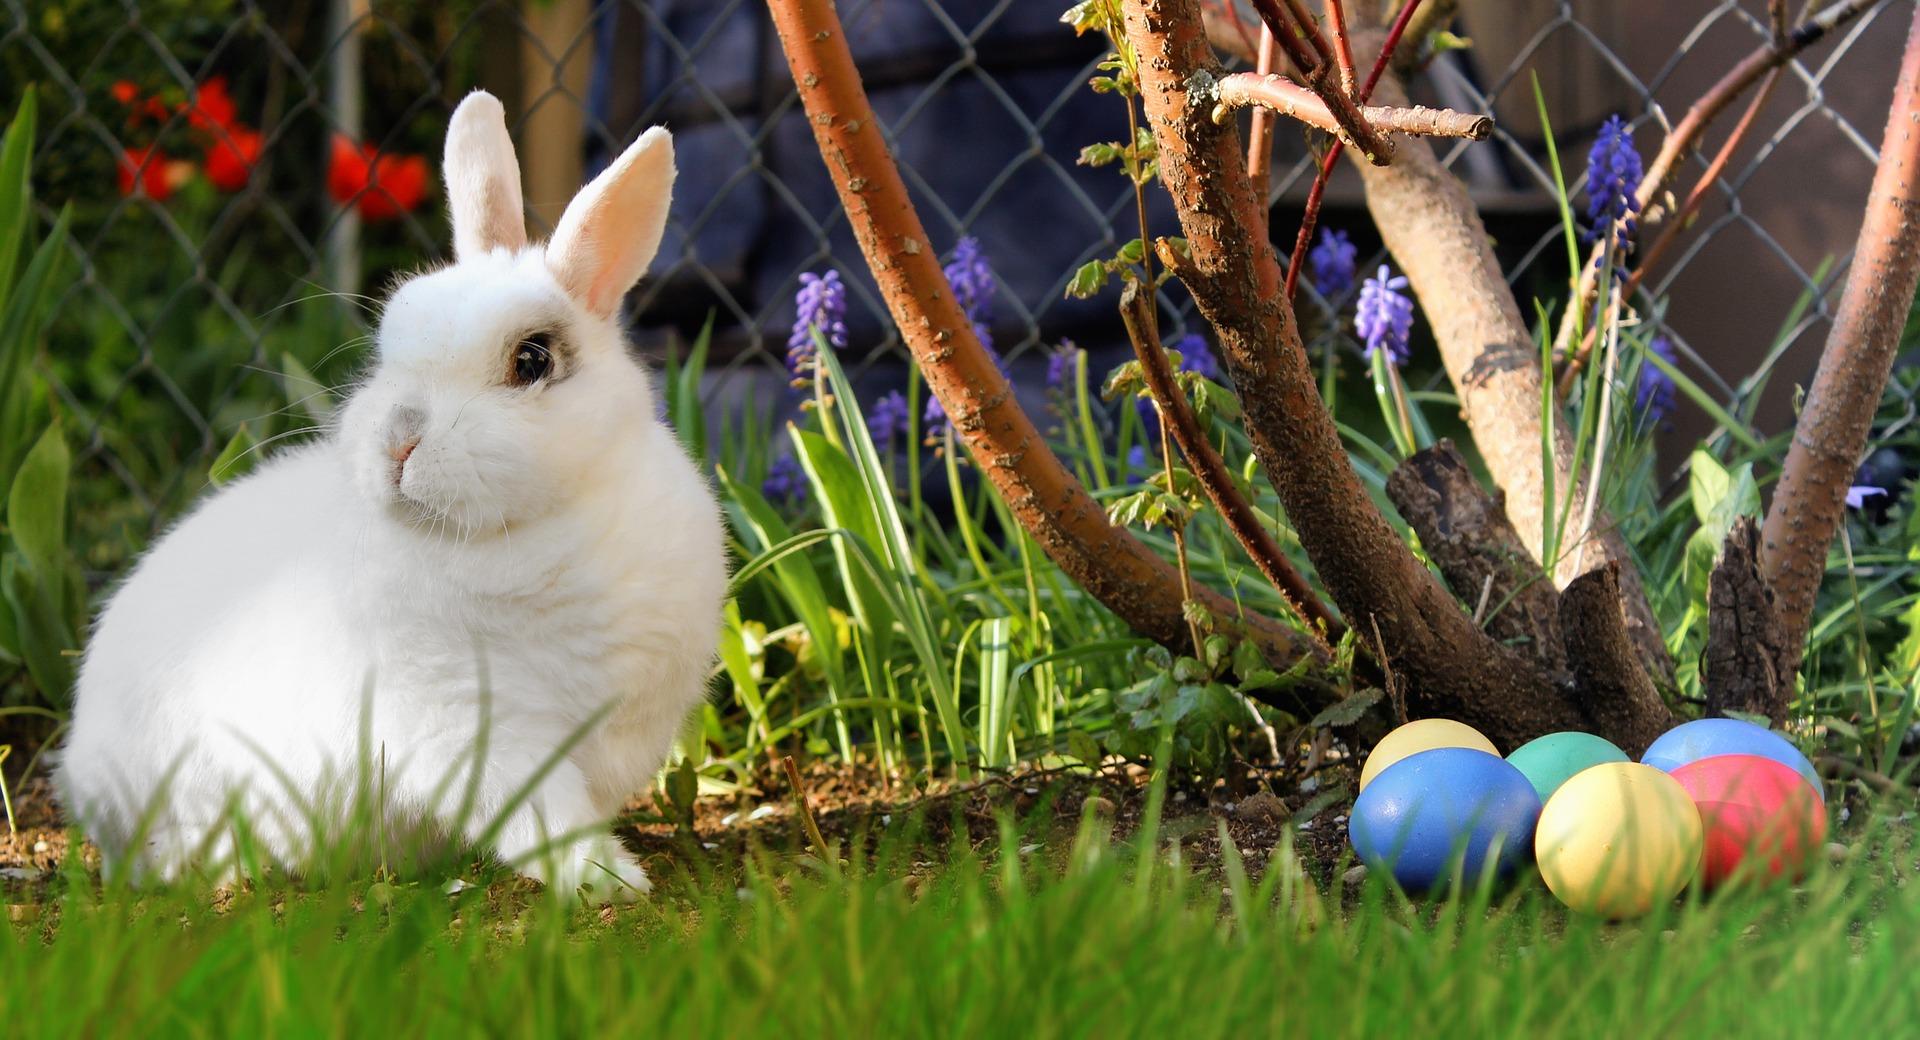 Konijn geven voor Pasen? | Hopster vzw